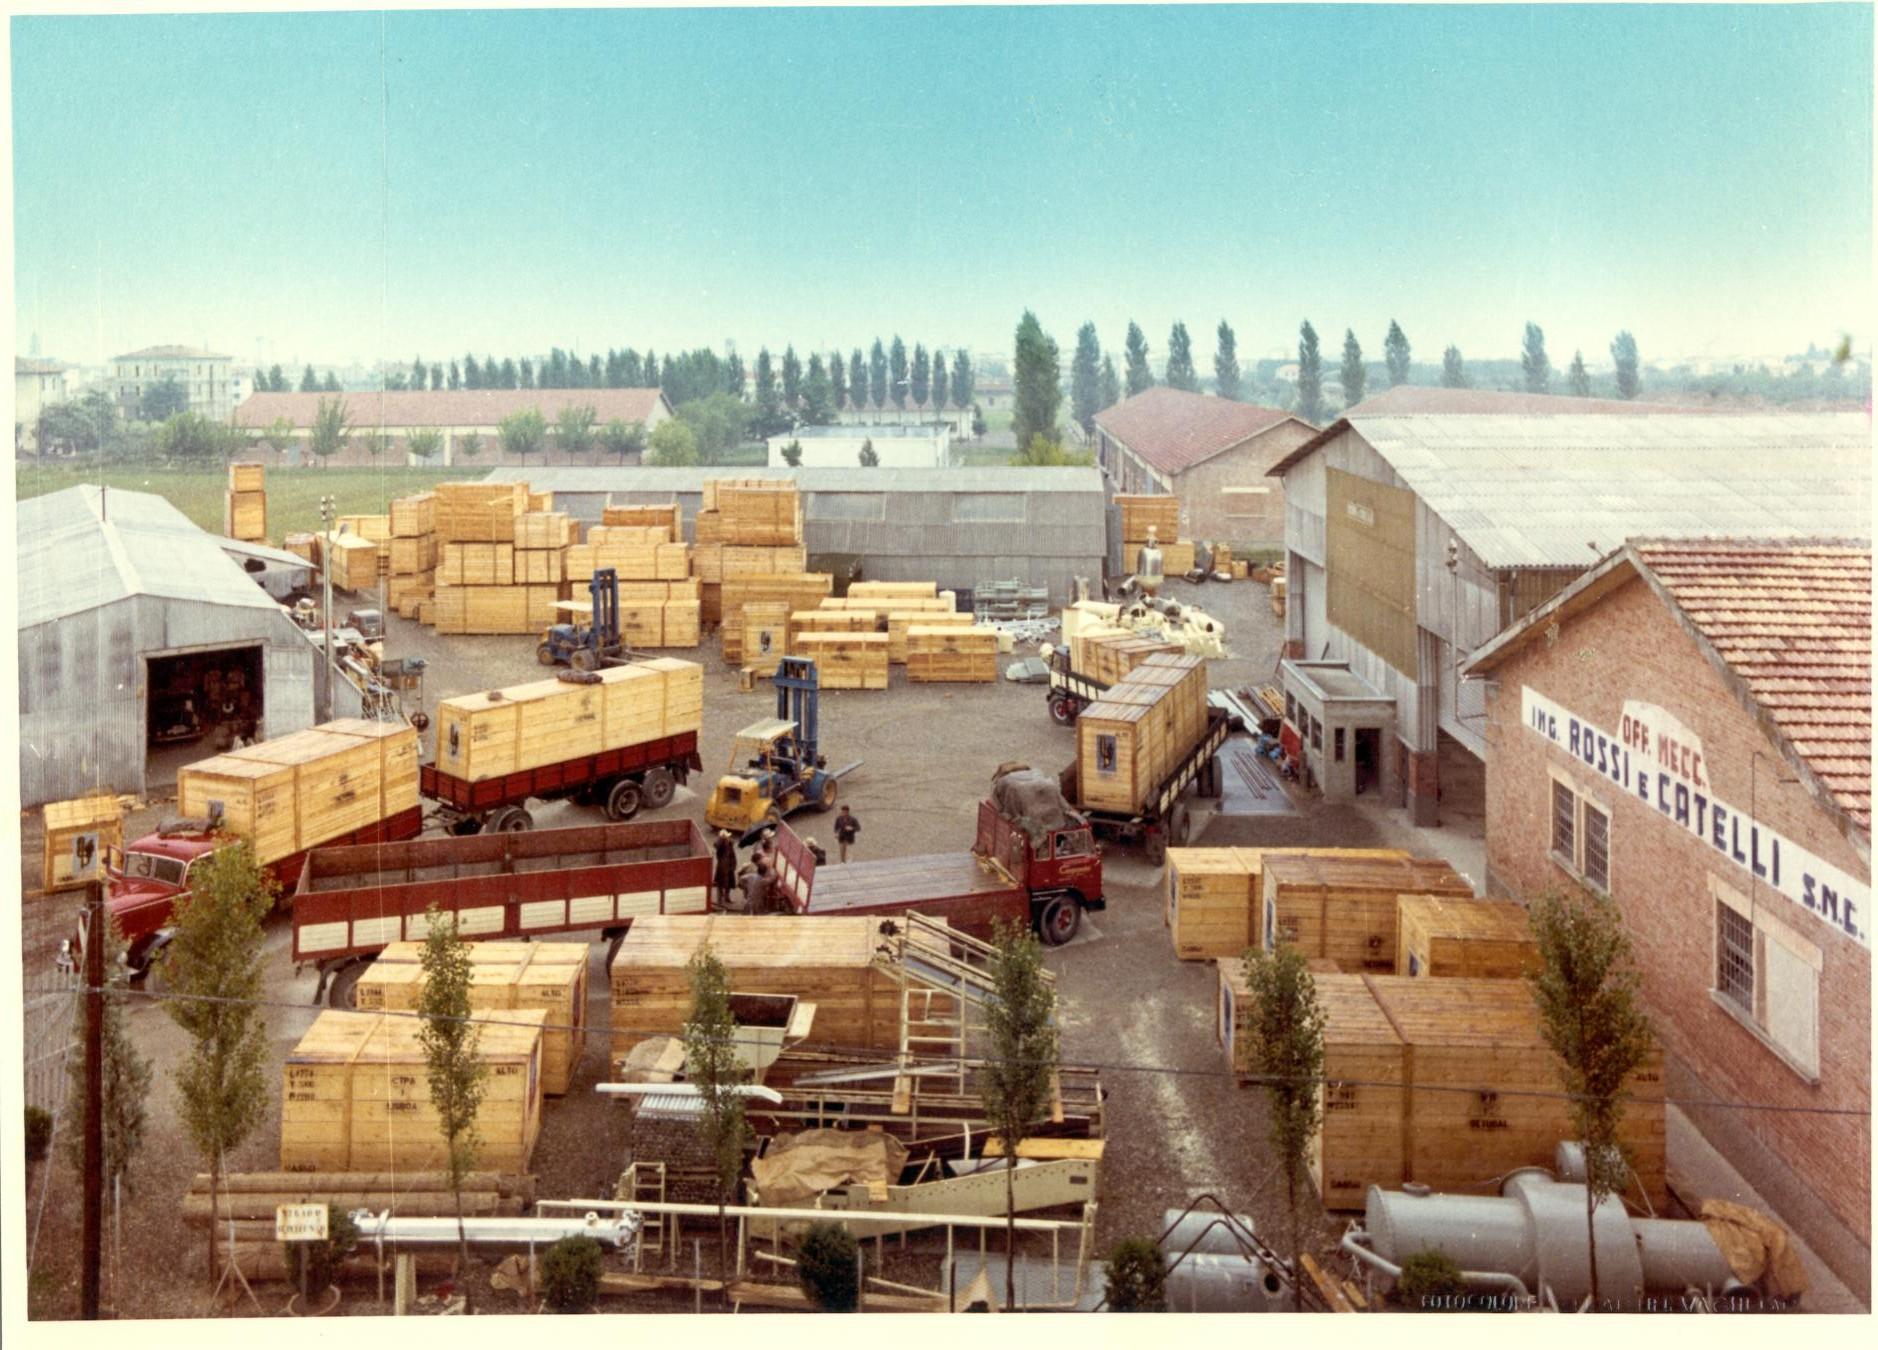 Macchinari in partenza dallo stabilimento Rossi & Catelli negli anni Ottanta del Novecento.